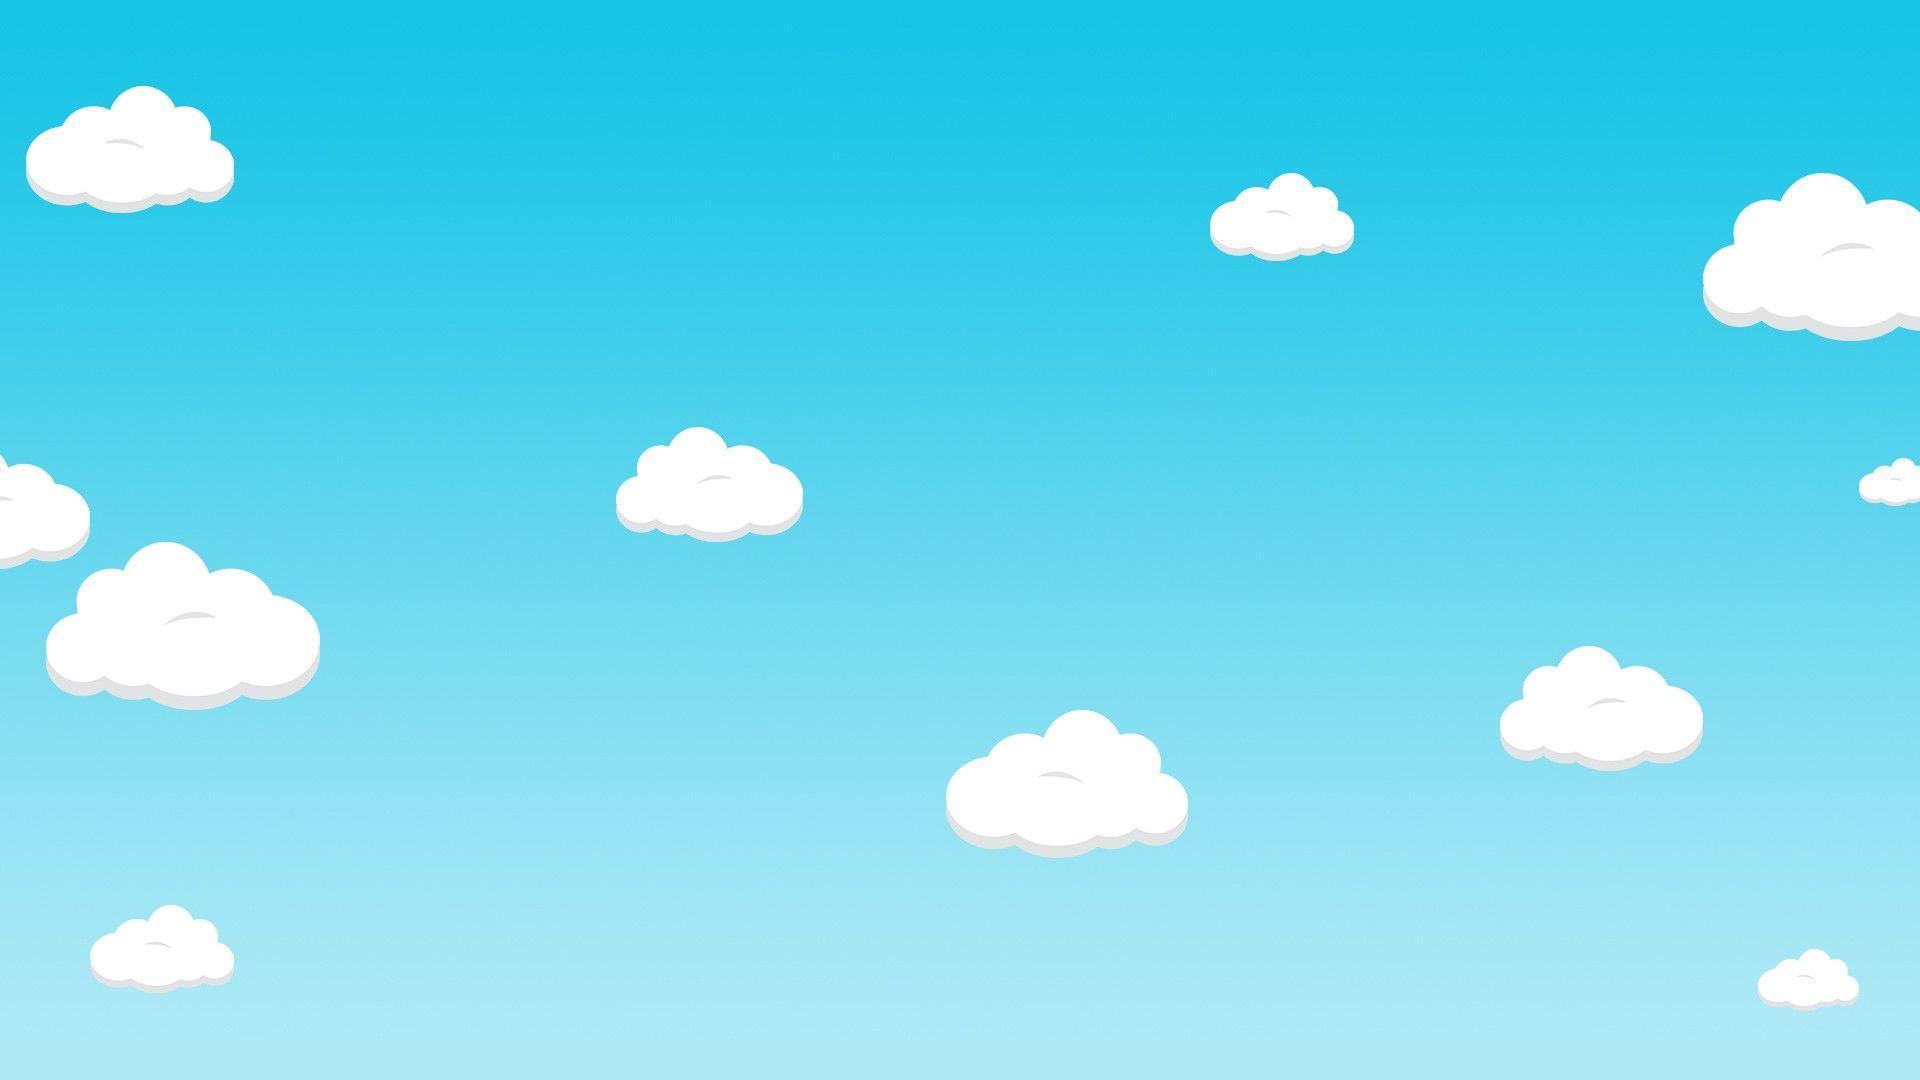 Дети на фоне неба картинка